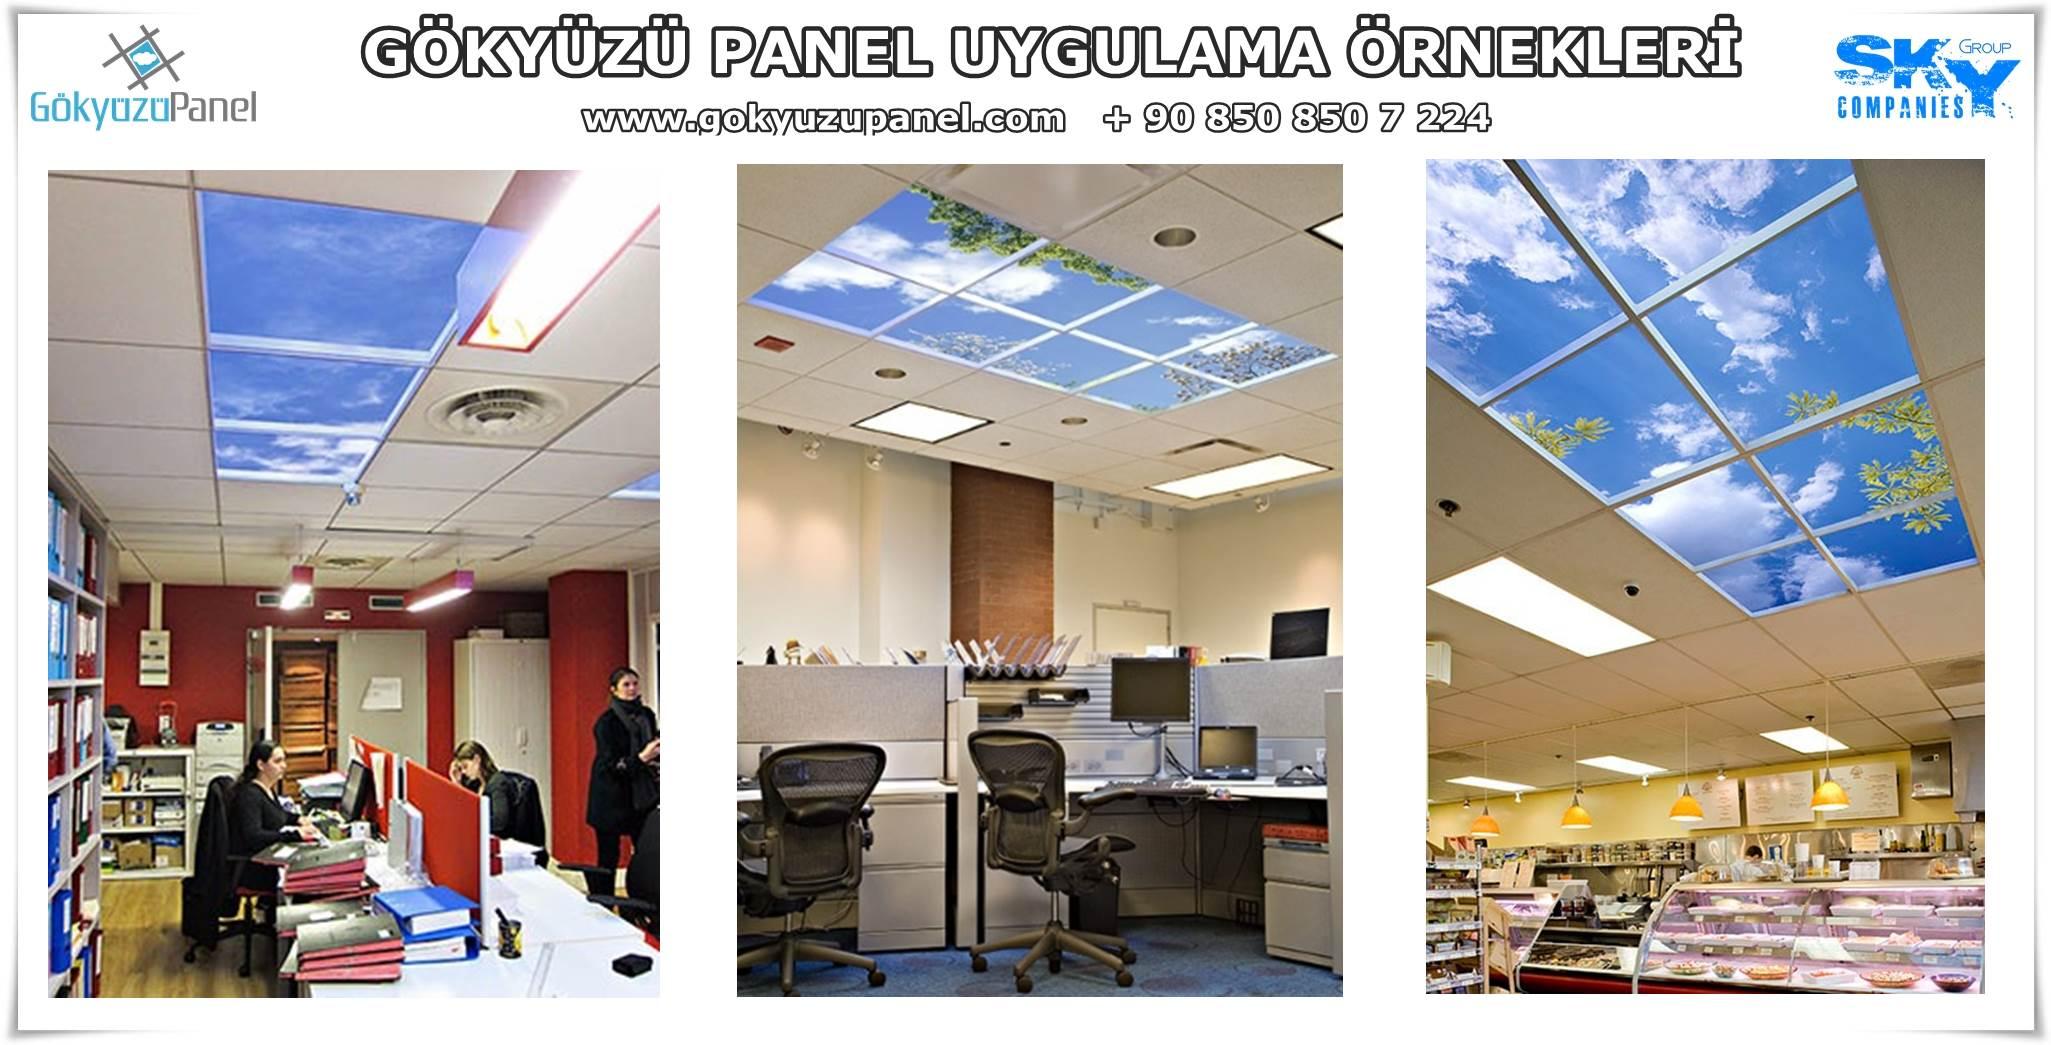 Gökyüzü Panel Uygulama Örnekleri 6